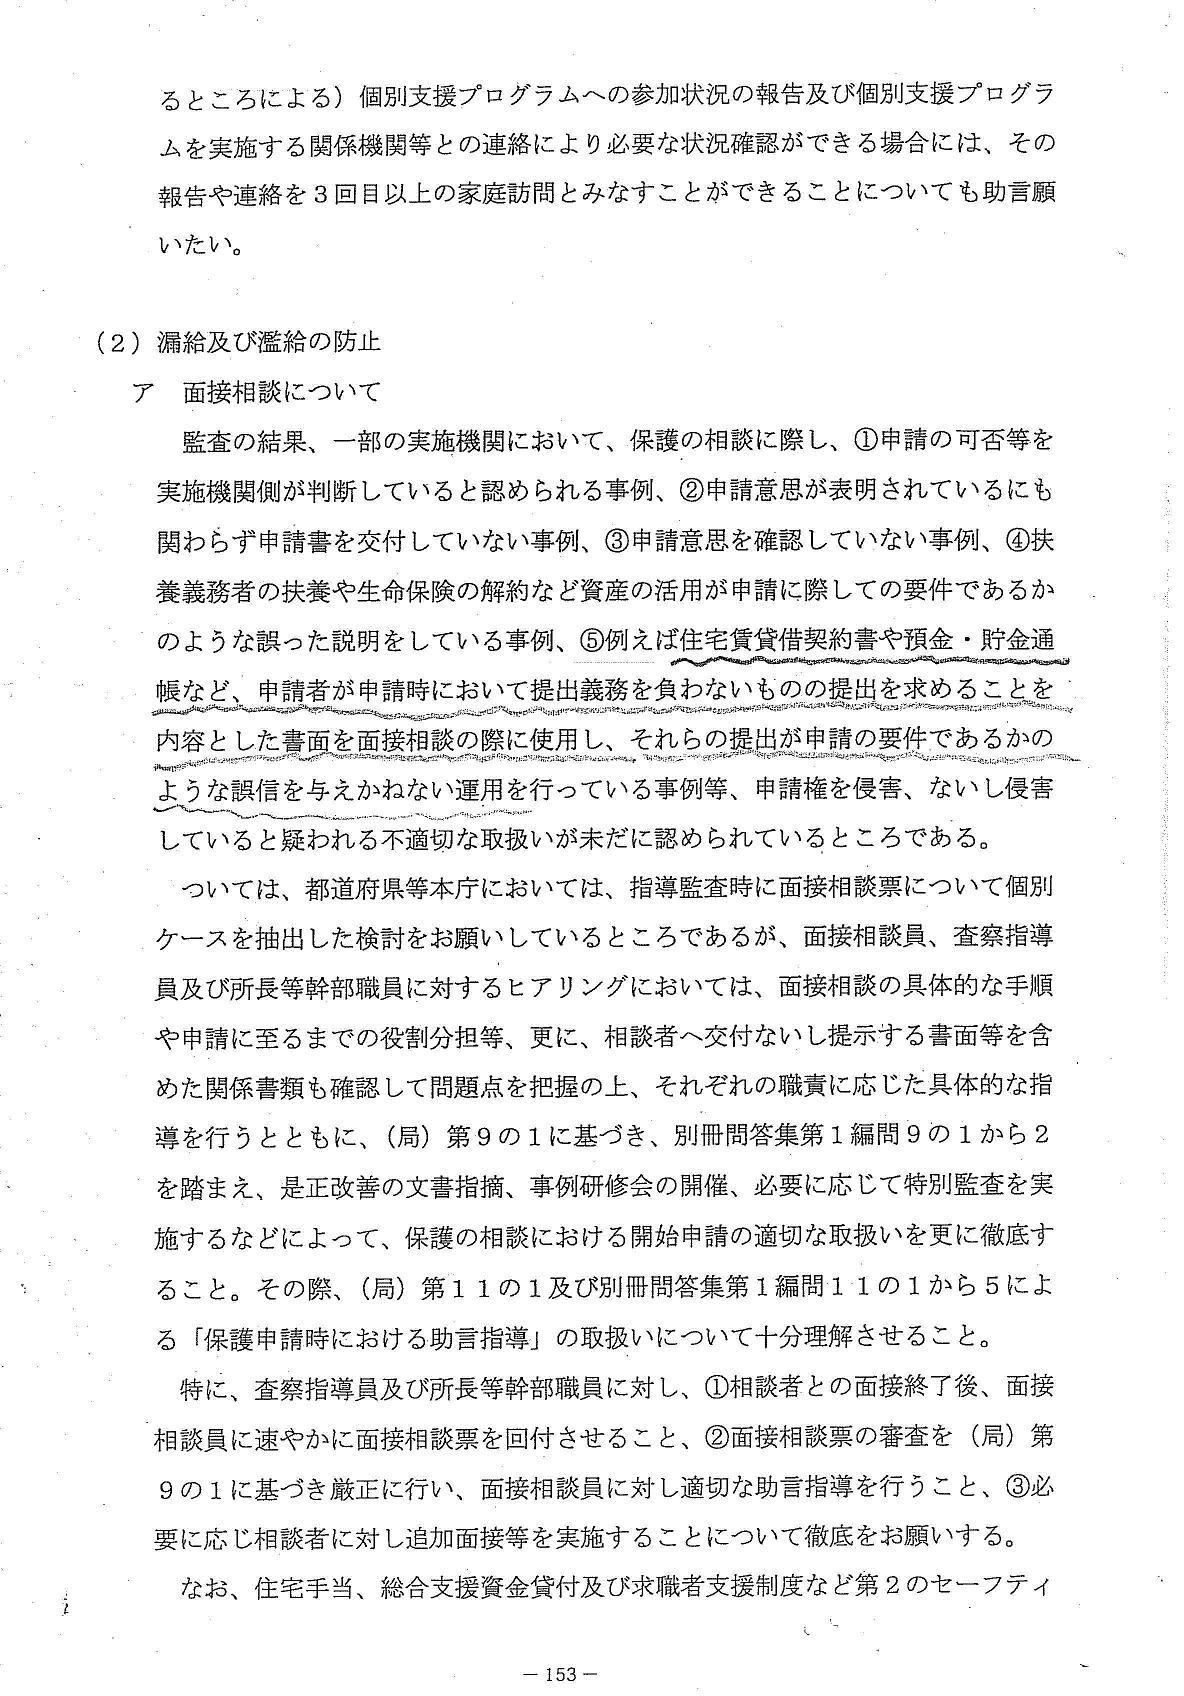 3/11 厚労省全国課長会議資料①